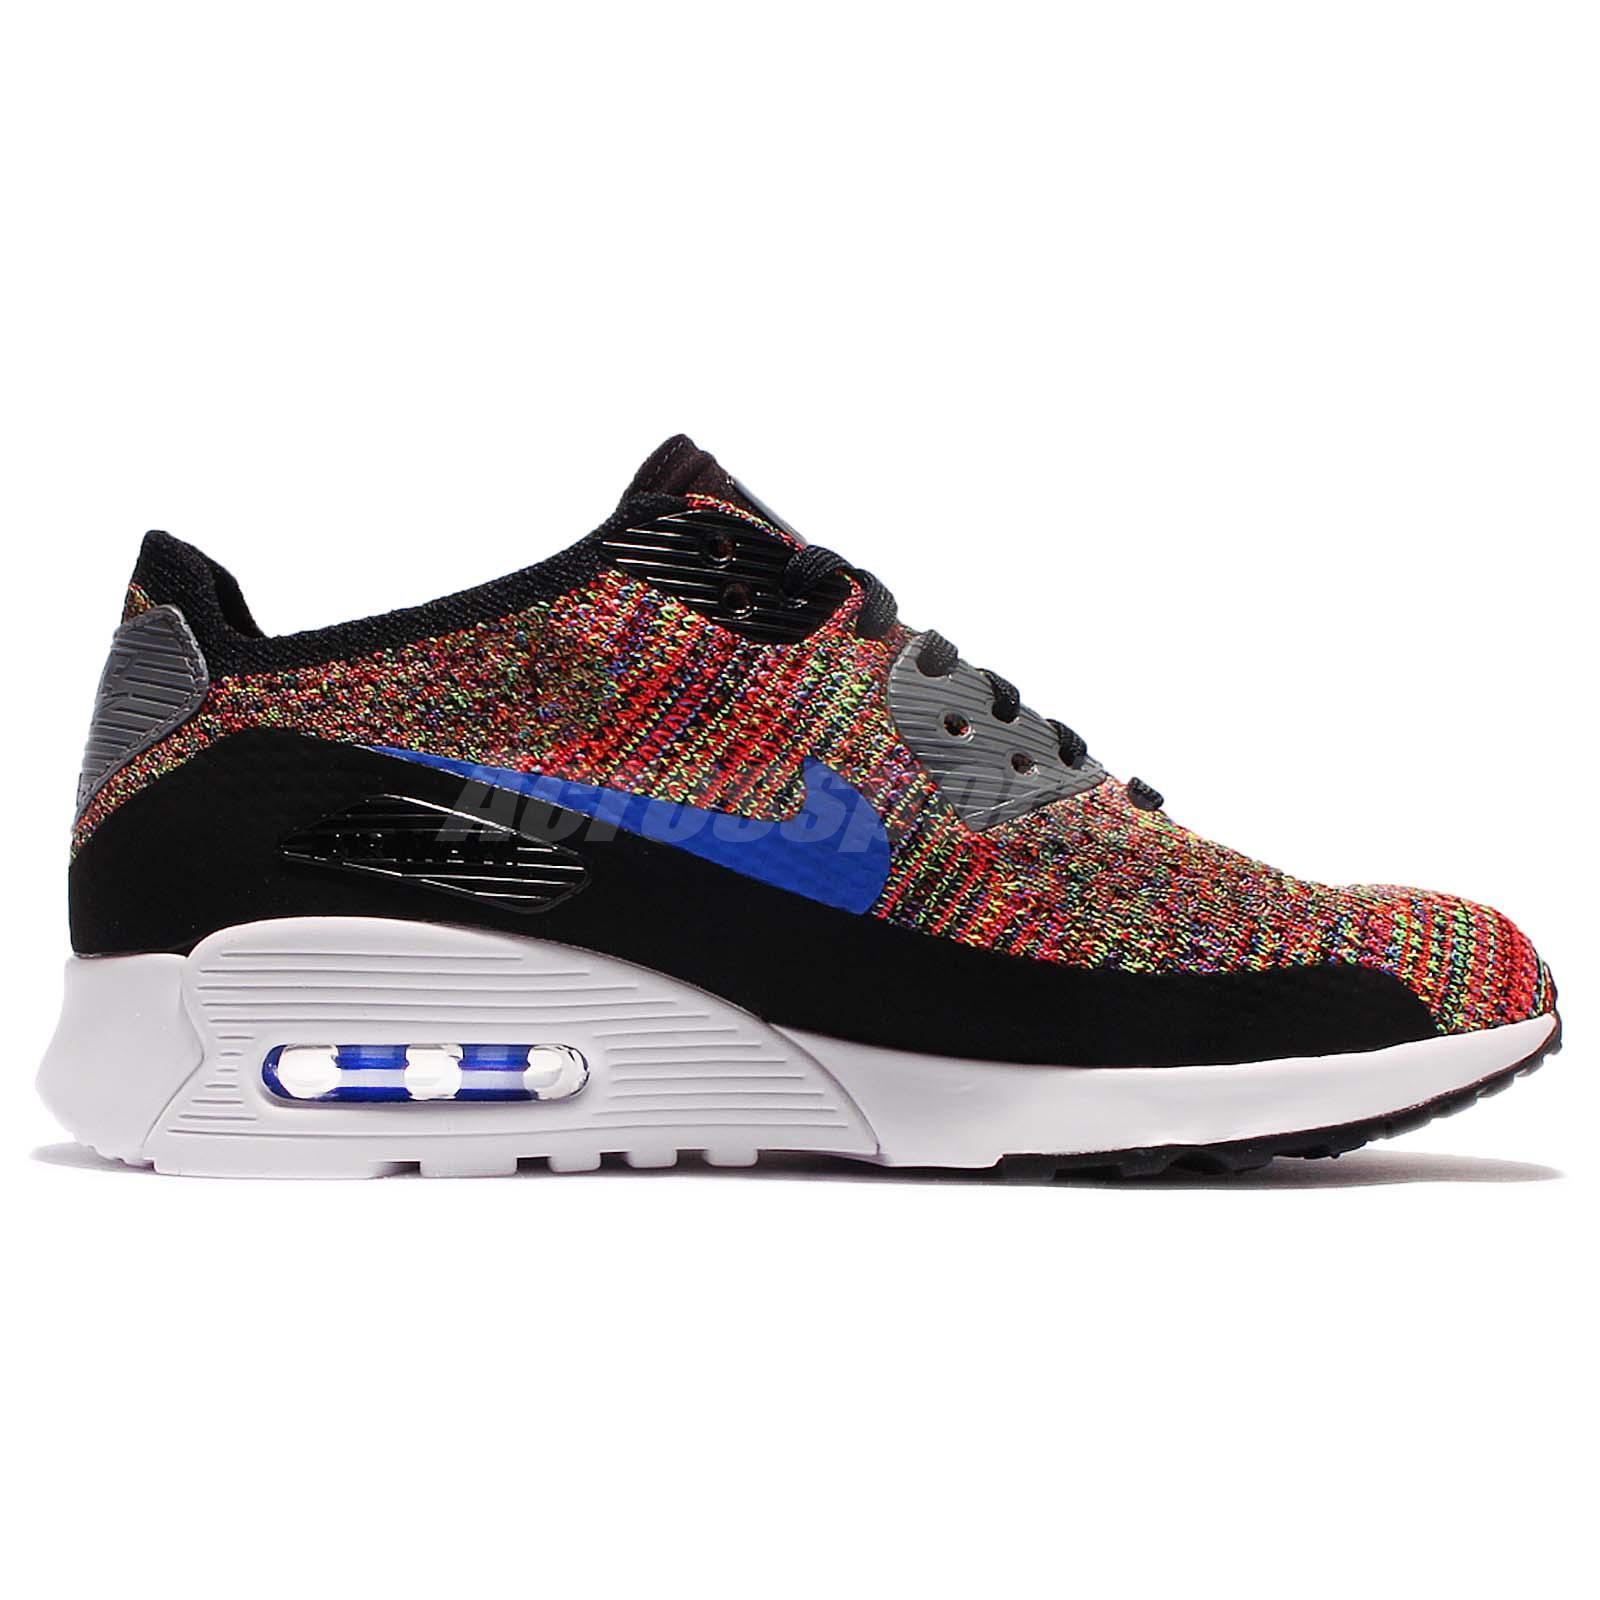 cheap for discount 47ded d2885 Detalles acerca de Wmns Nike Air Max 90 Ultra 2.0 Flyknit Multi Color Arco  Iris Zapato de mujer 881109-001- mostrar título original